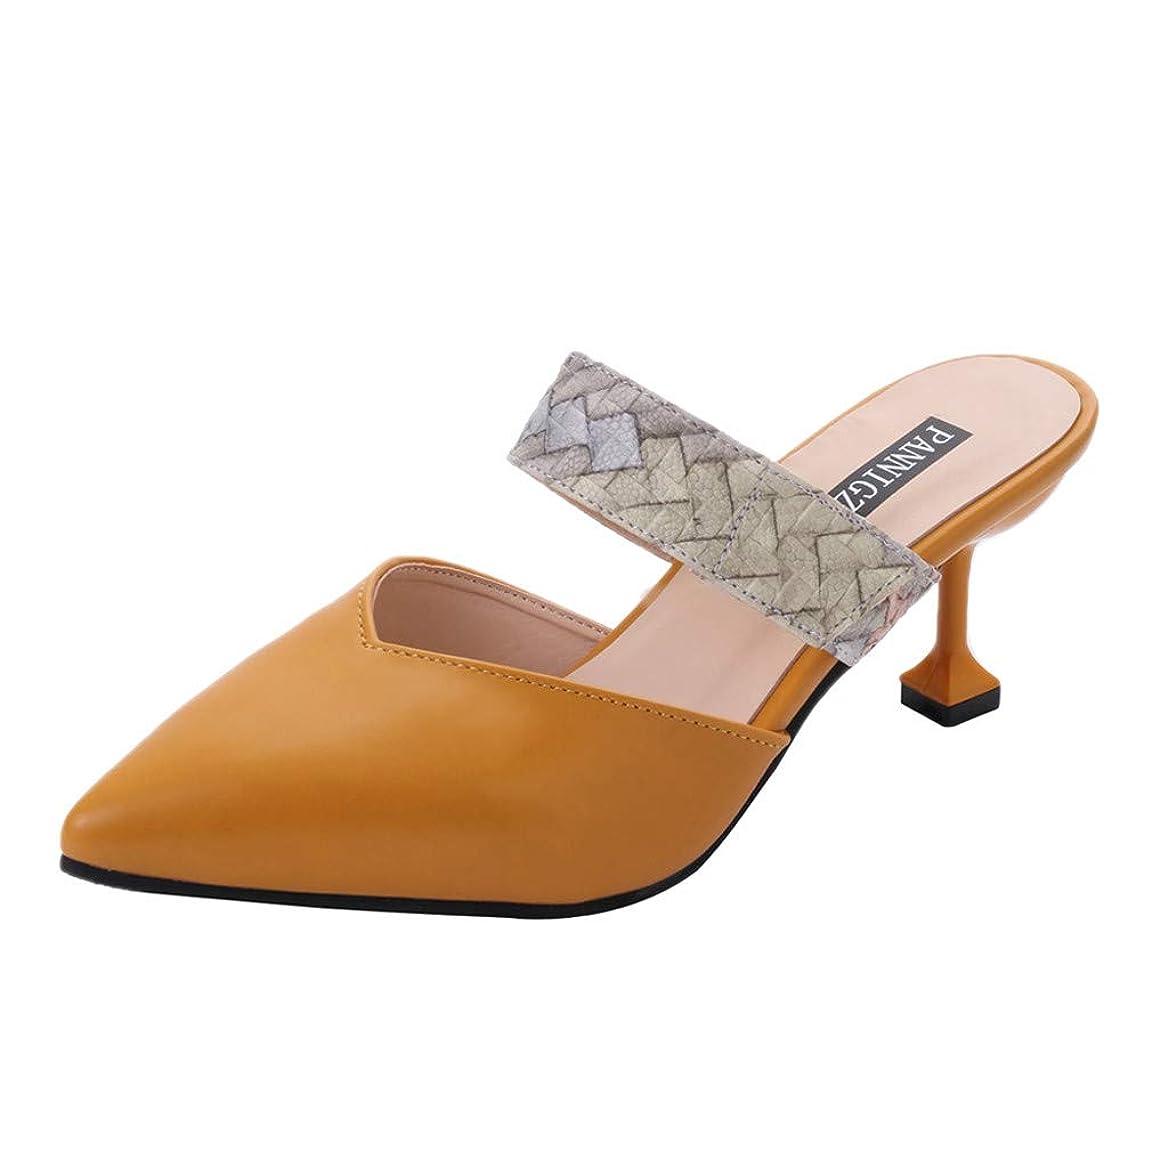 酔っ払い勝利した仲人[22.5-24.5cm] PU レザー レザー レザー調 レディースシューズ ピンヒール 靴, ファッション サンダル スナップ 美脚 履きやすい 歩きやすい プラットフォーム 春夏用